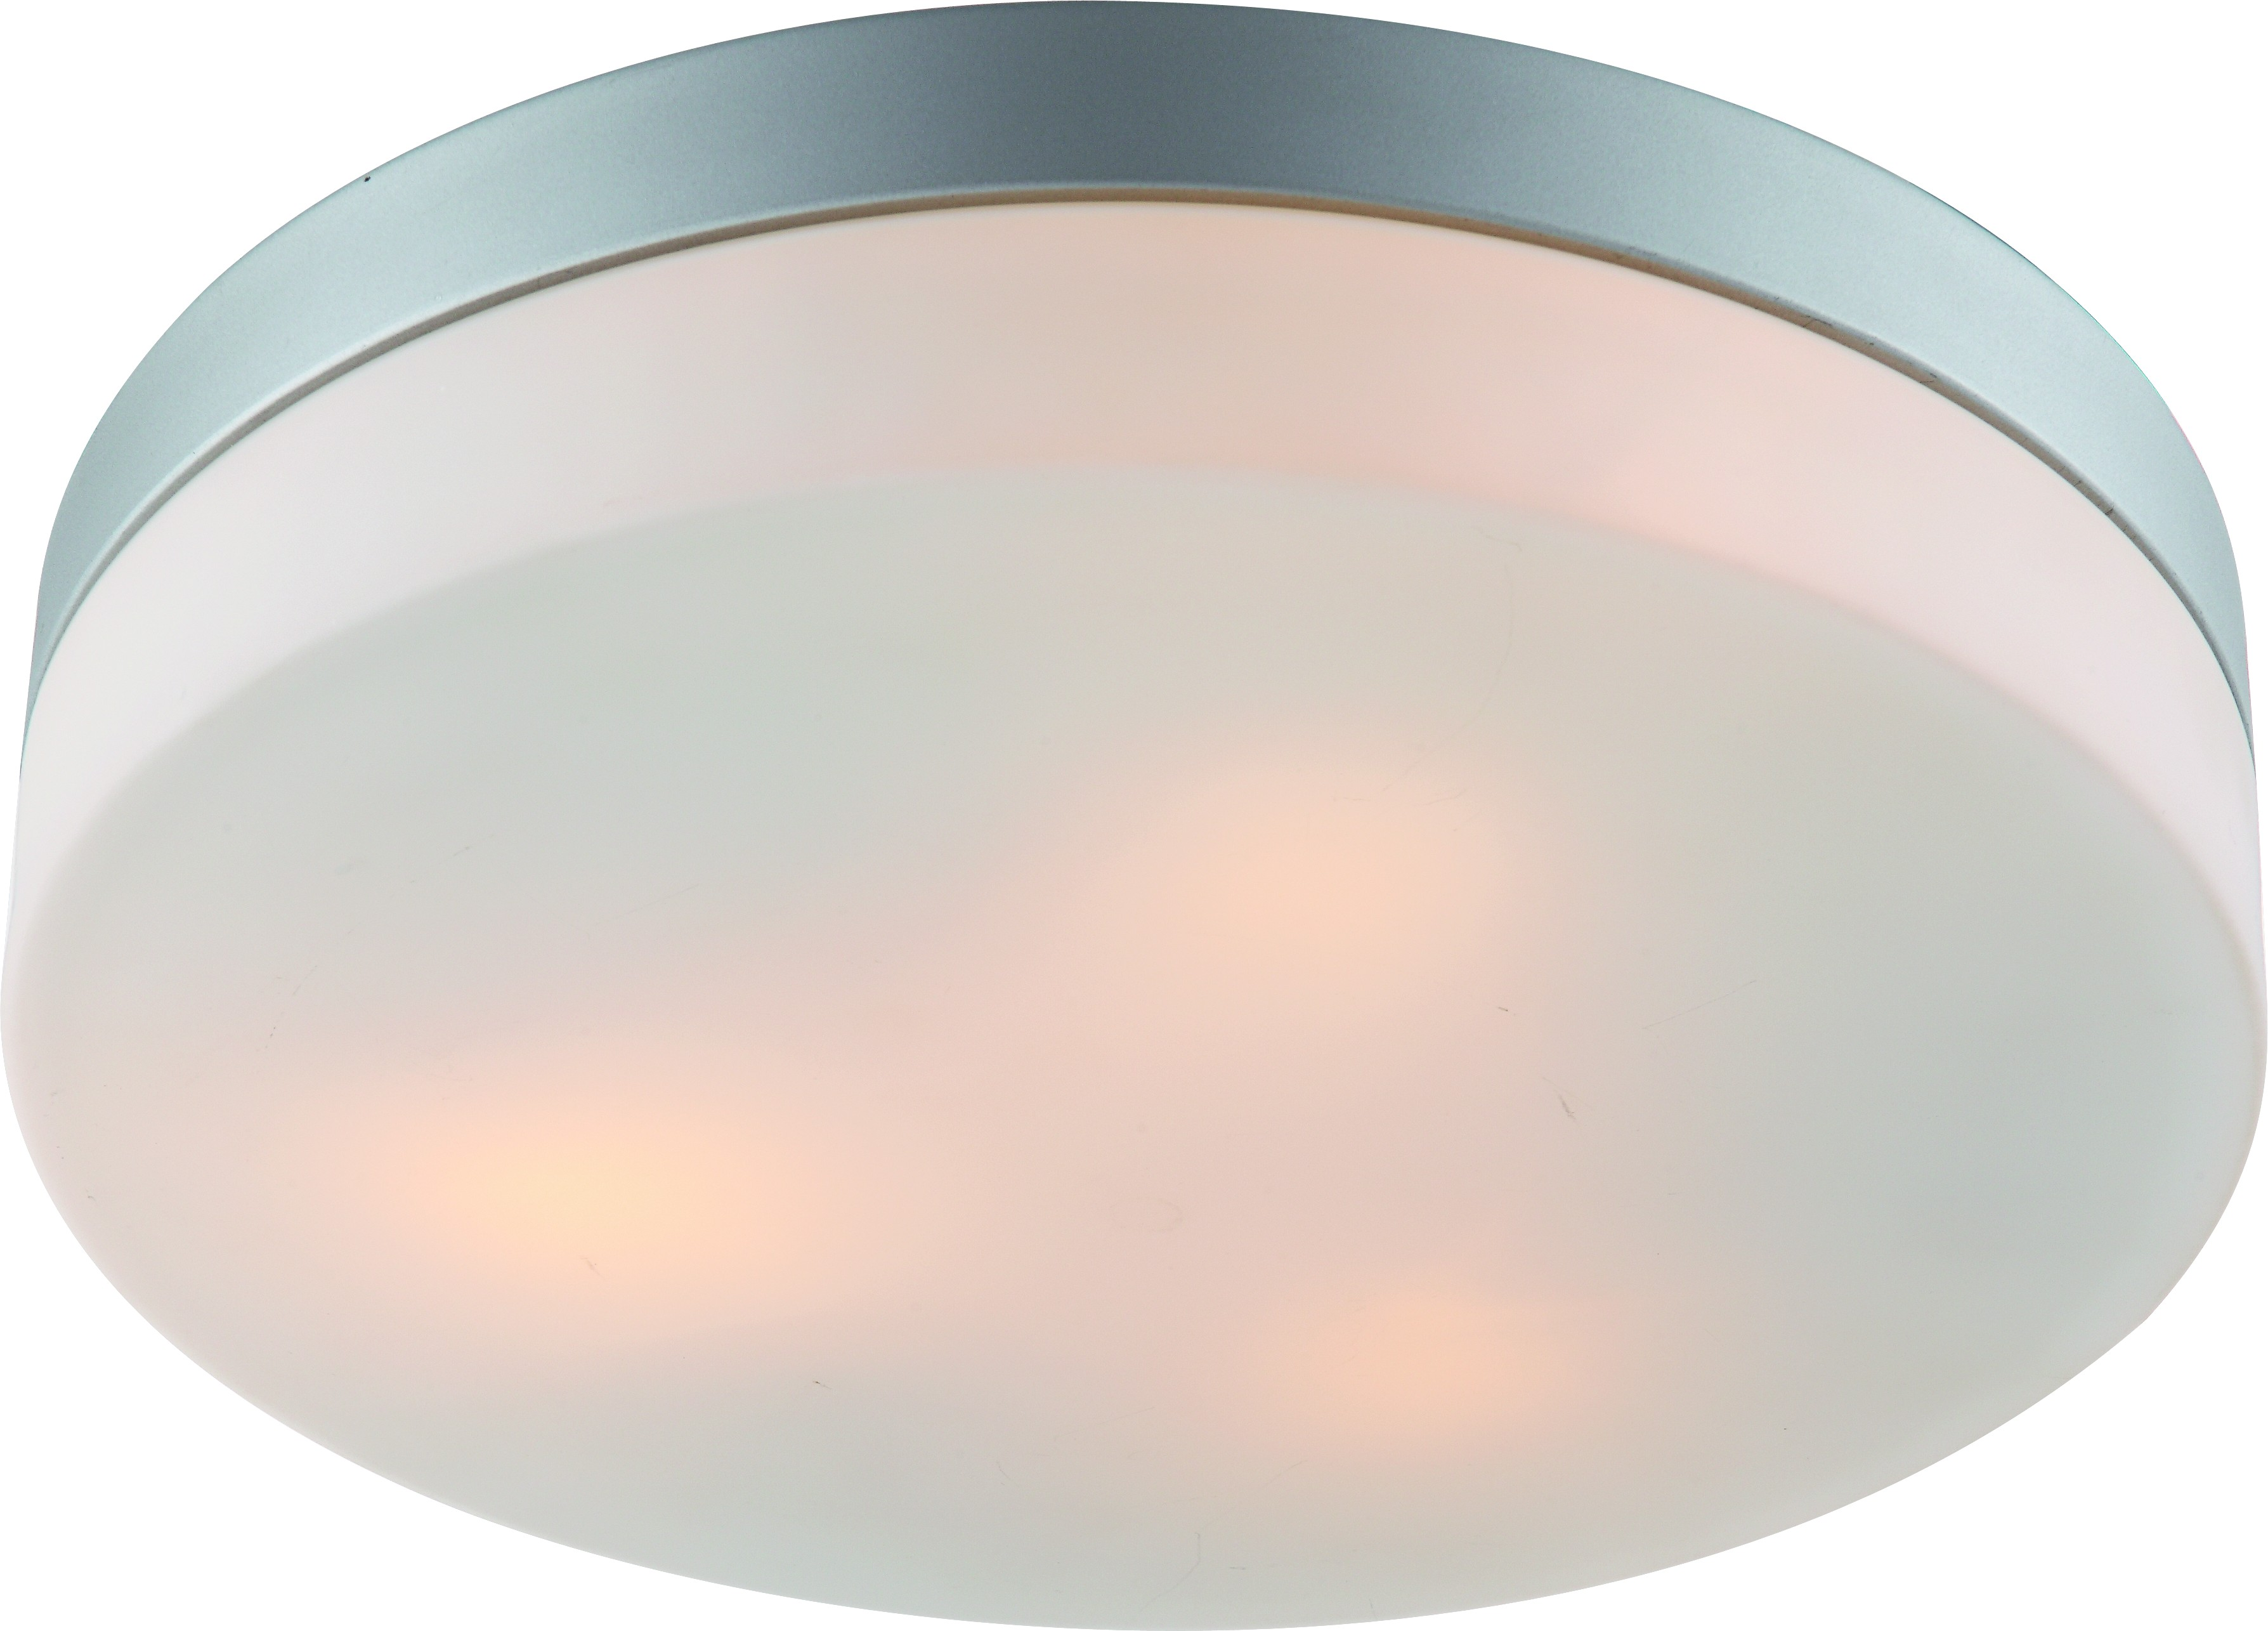 Светильник настенно-потолочный Arte lamp A3211pl-3si потолочный светильник shirp a3211pl 3wh arte lamp 1182062